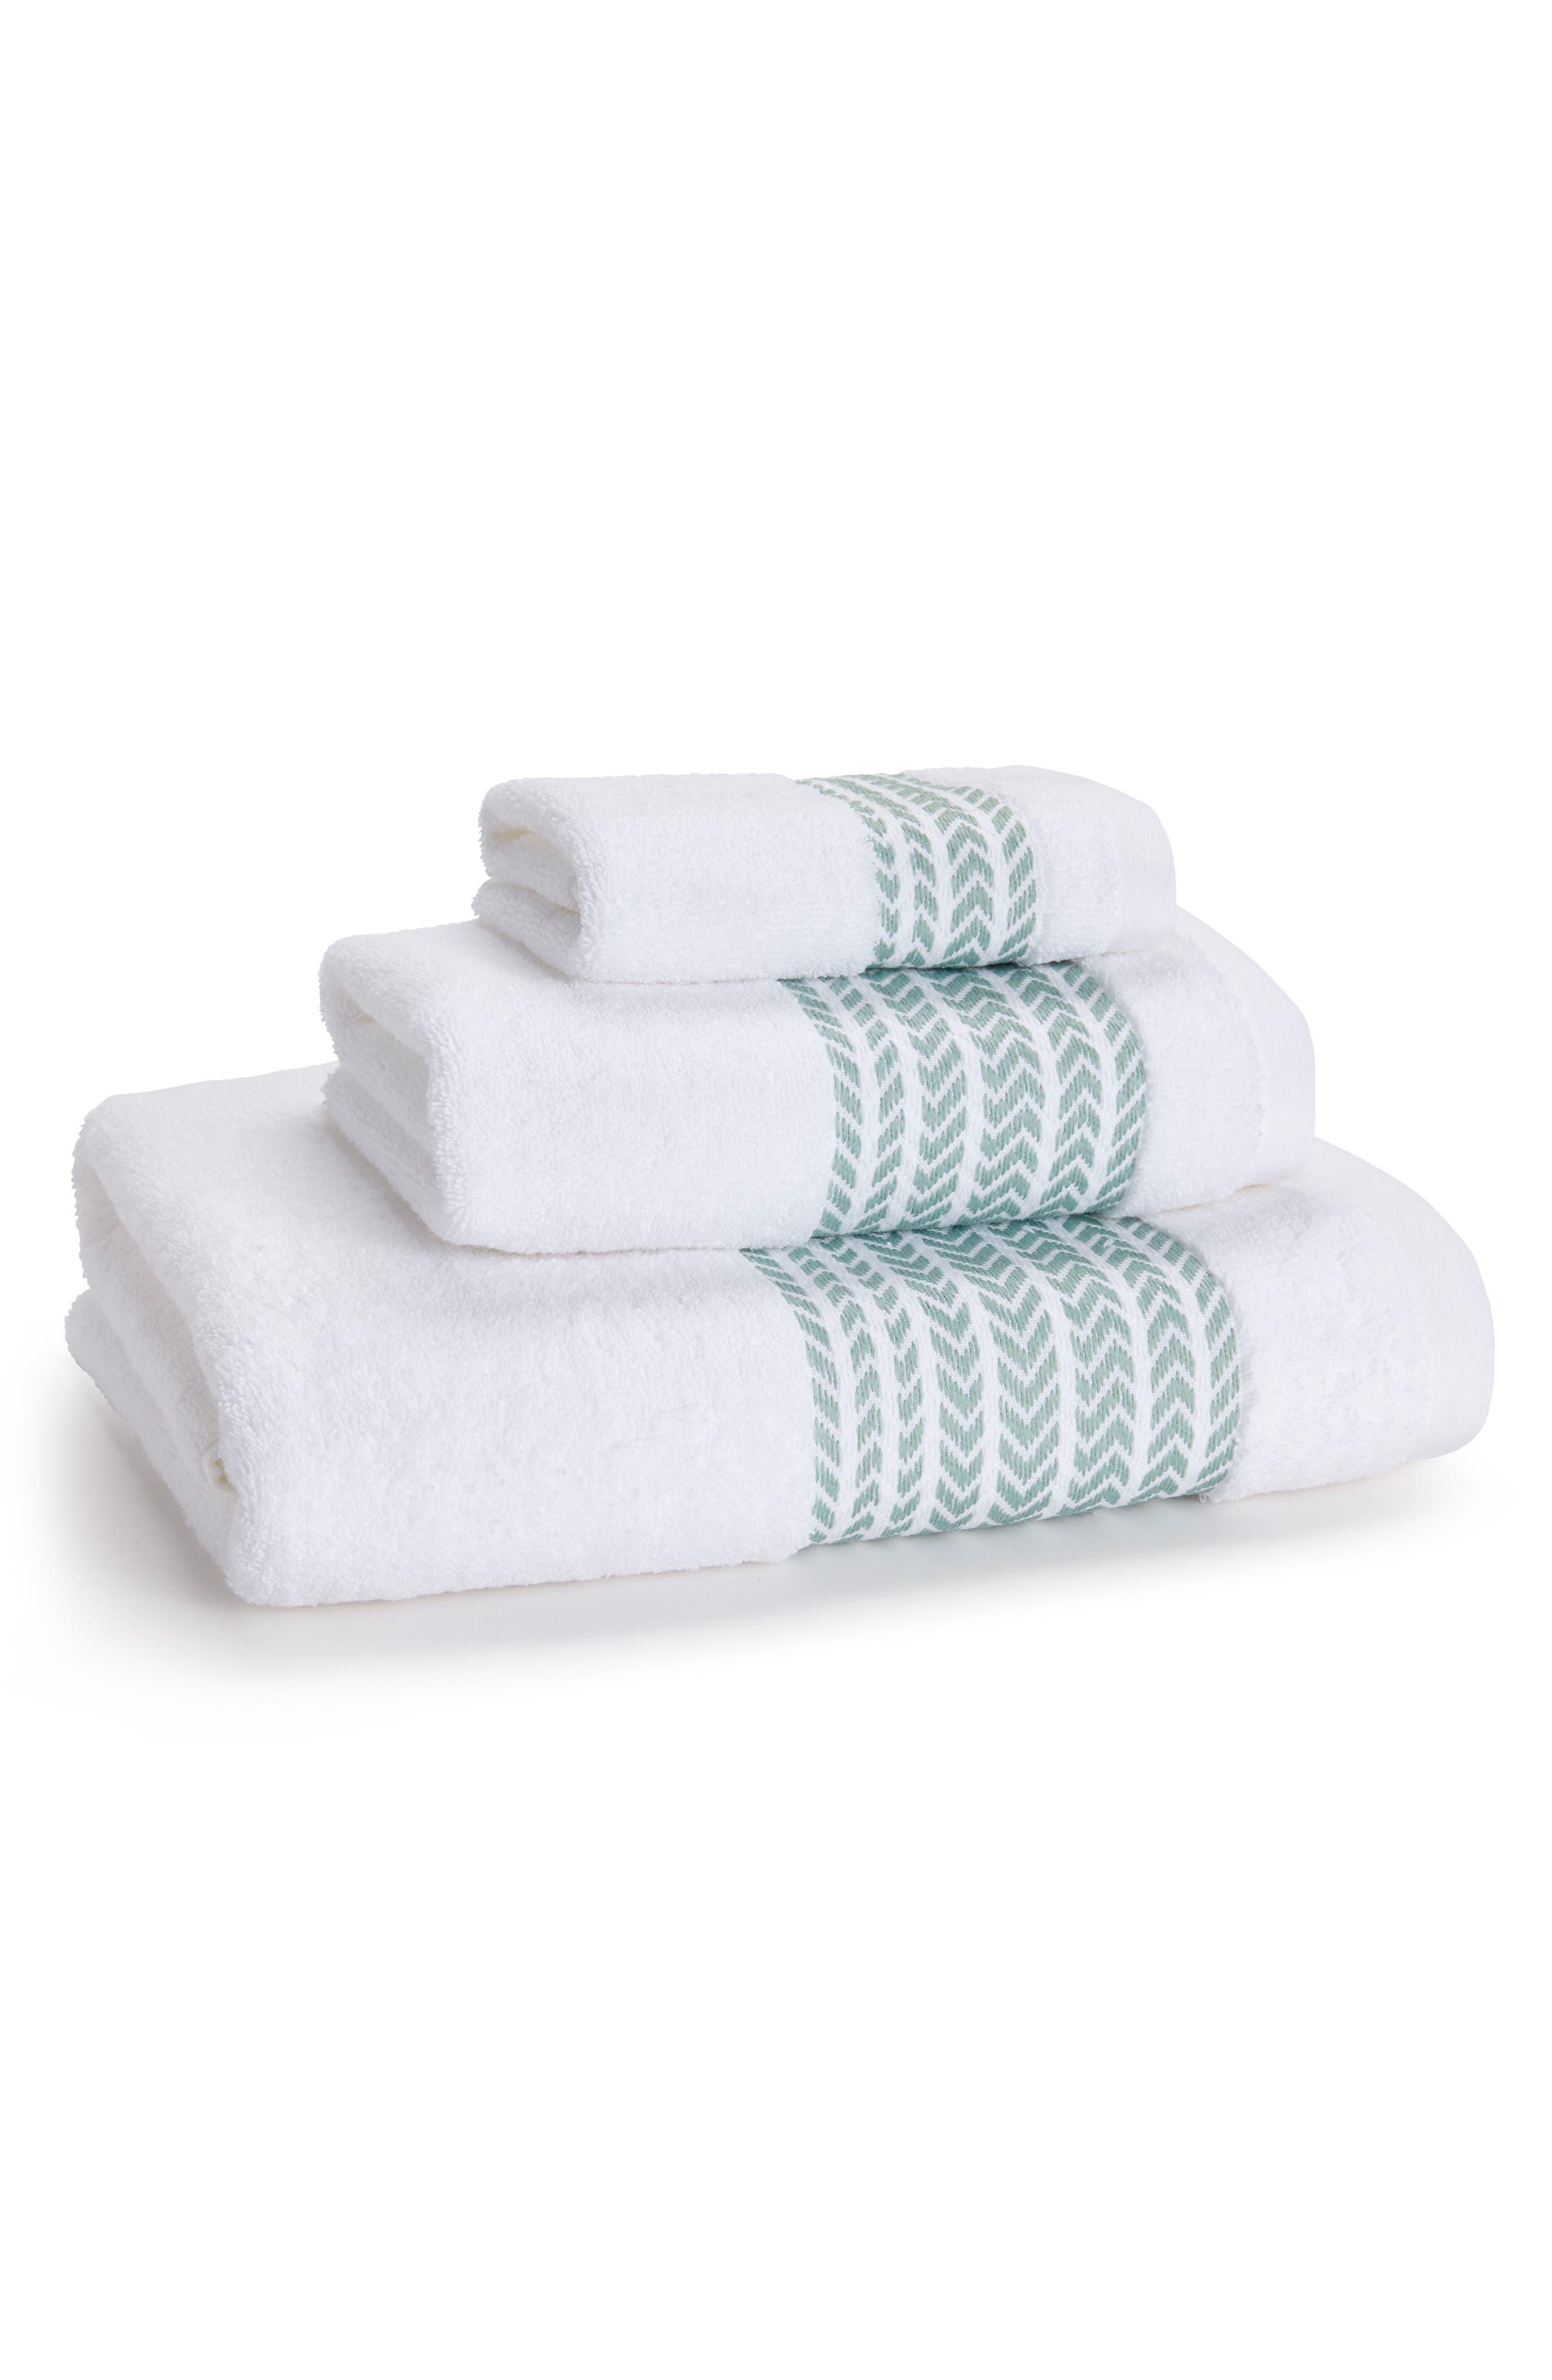 KASSATEX Baja Hand Towel